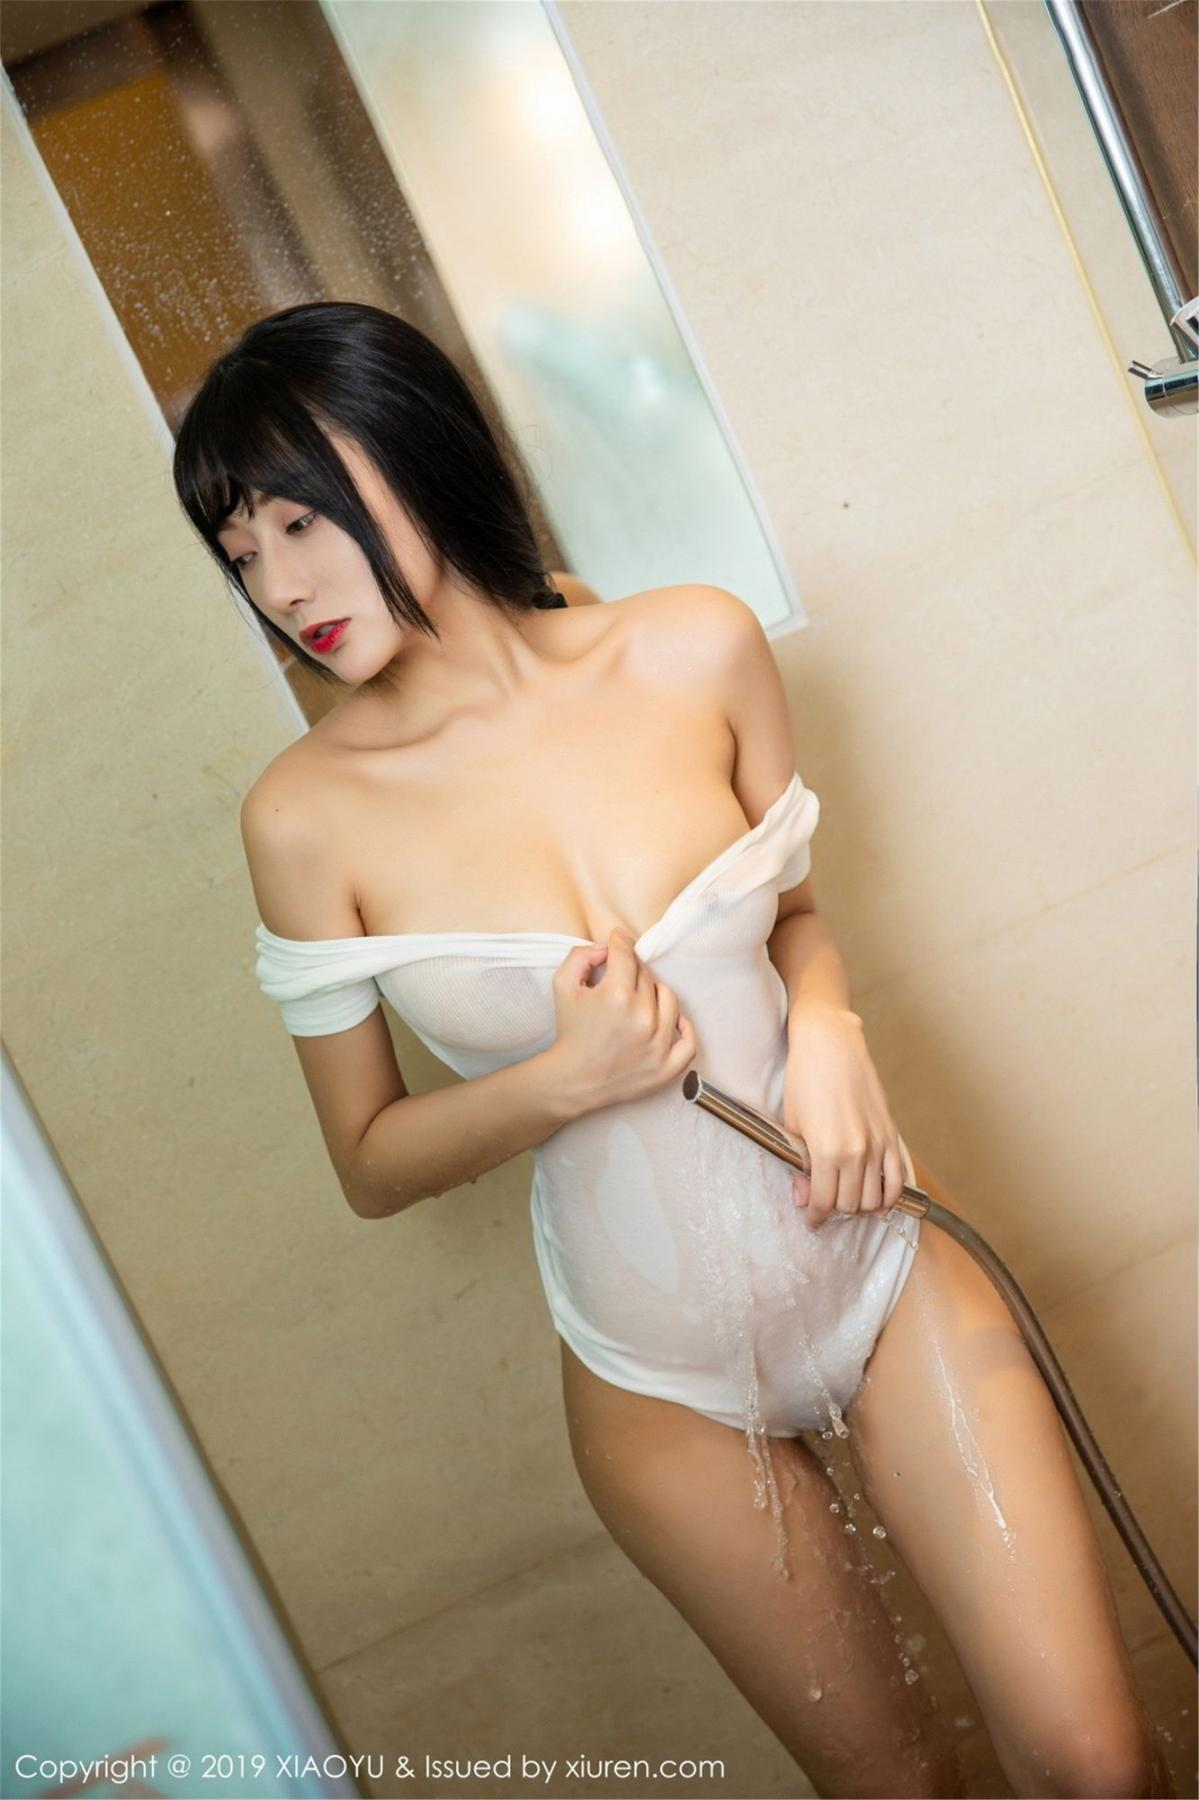 [XiaoYu] Vol.116 He Jia Ying 41P, Bathroom, He Jia Ying, Wet, XiaoYu